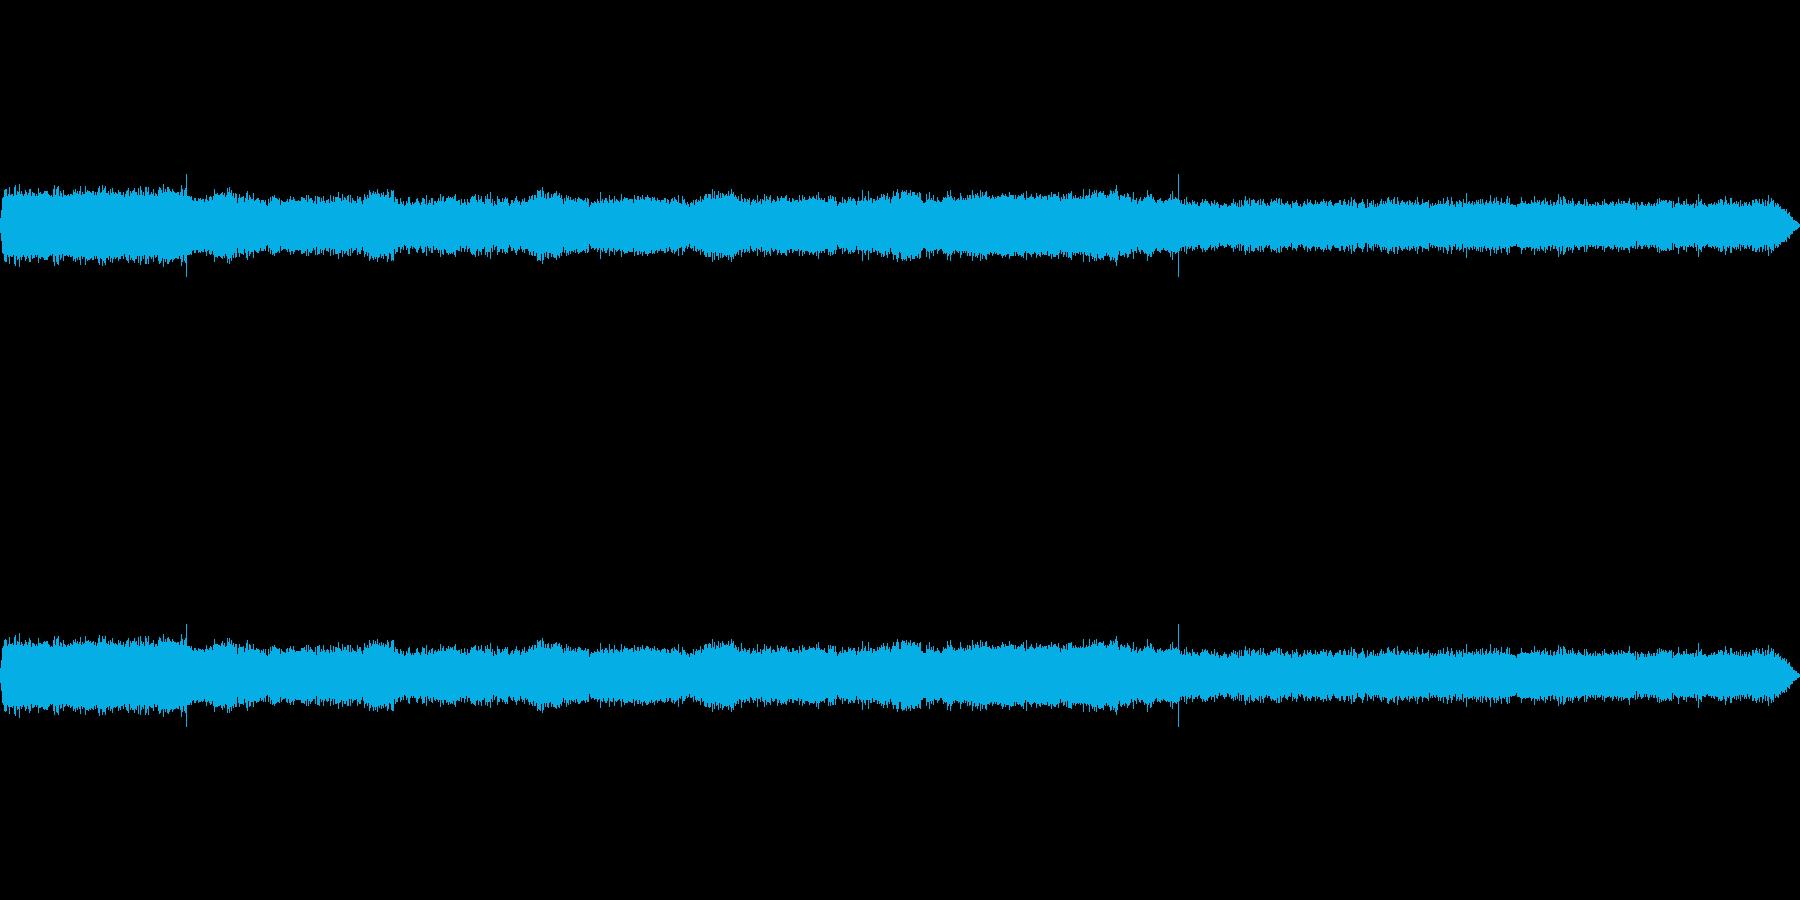 【環境音】秋の夜長 虫の声~リリリン の再生済みの波形